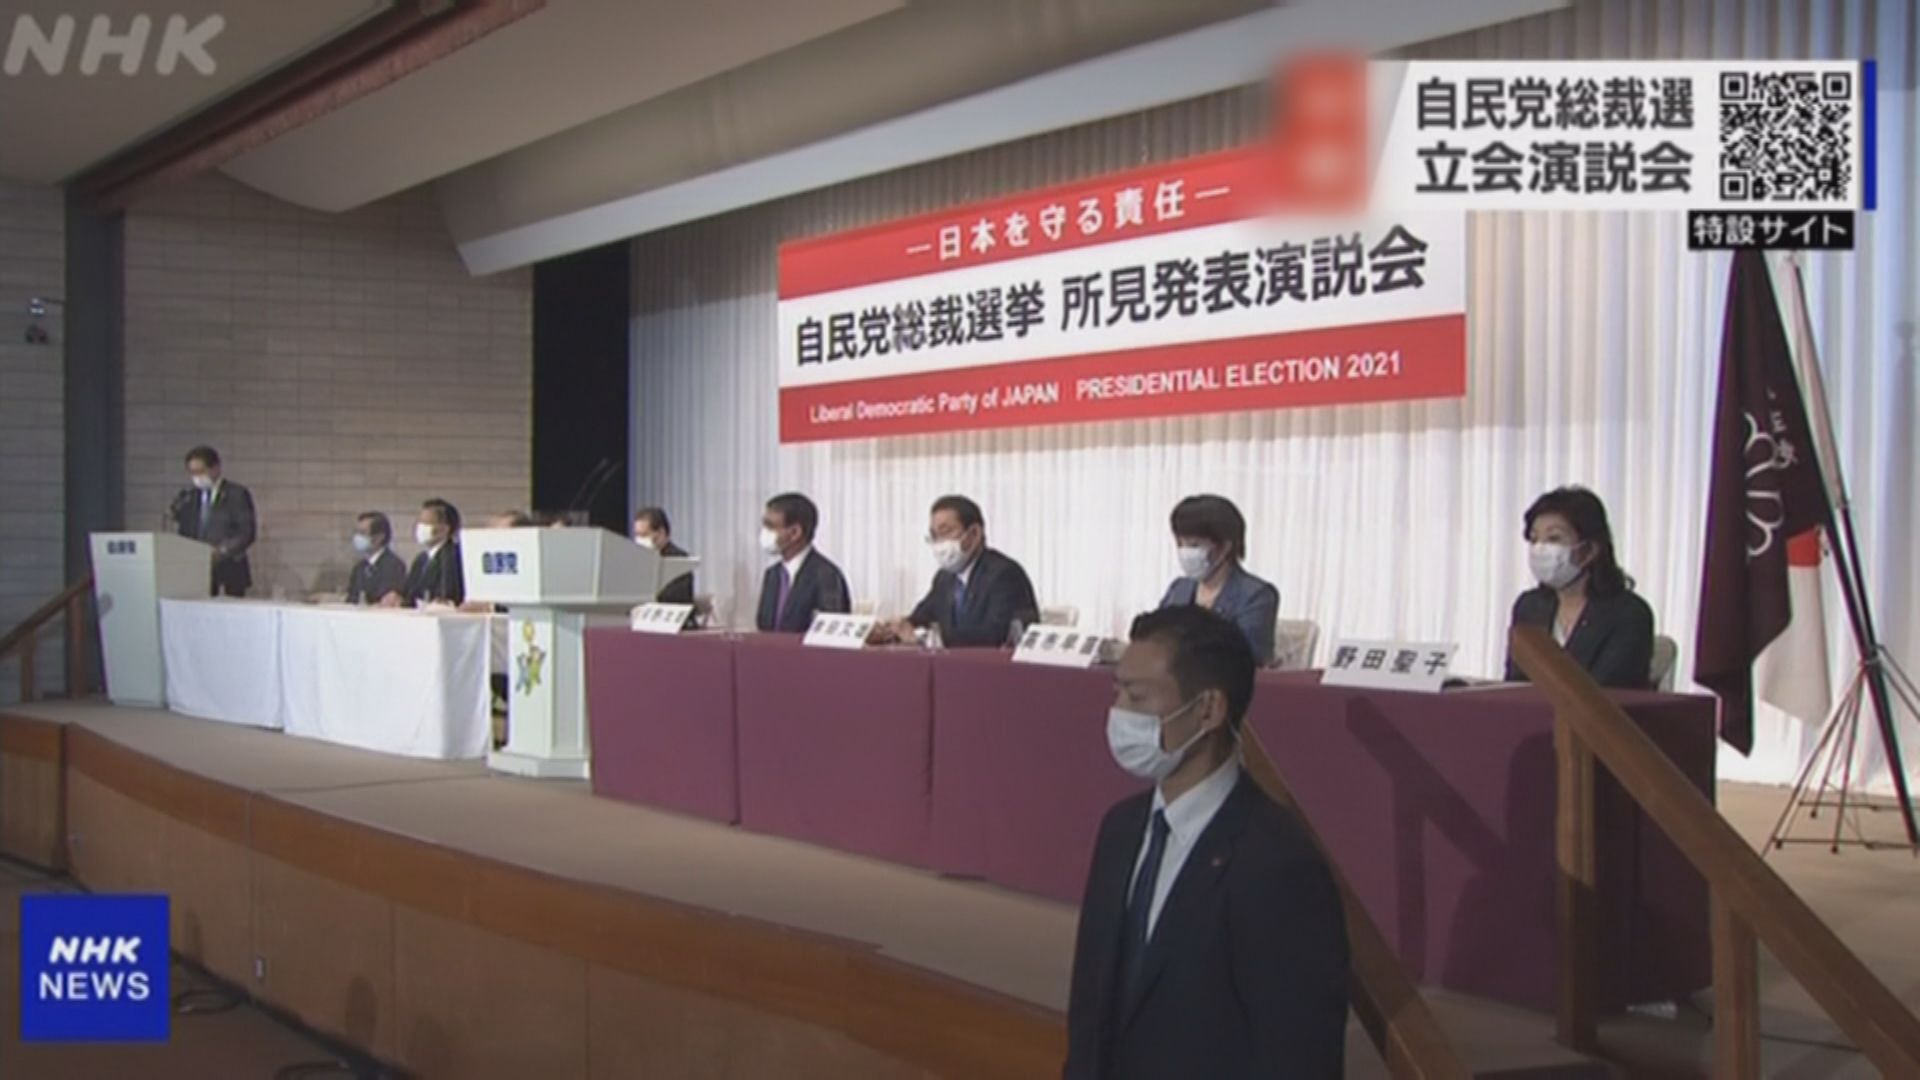 日本自民黨總裁選舉四人登記參選 月底舉行投票